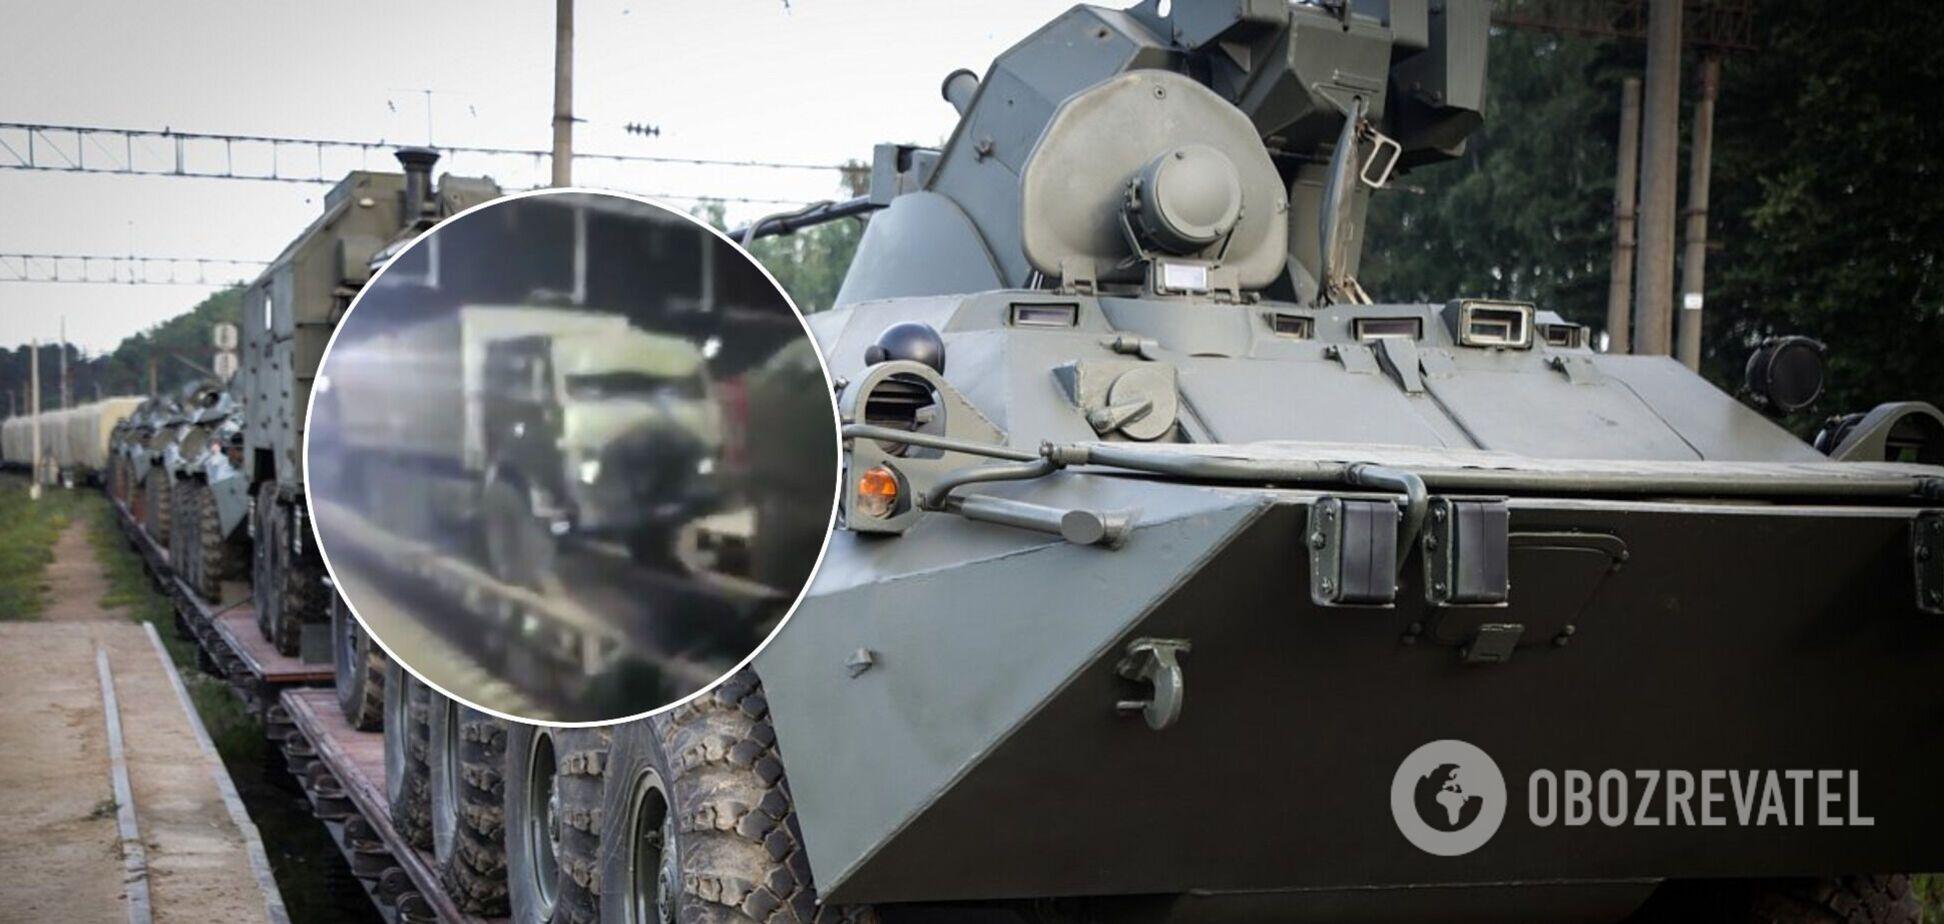 Появились новые кадры с российской военной техникой и авиацией возле границ Украины